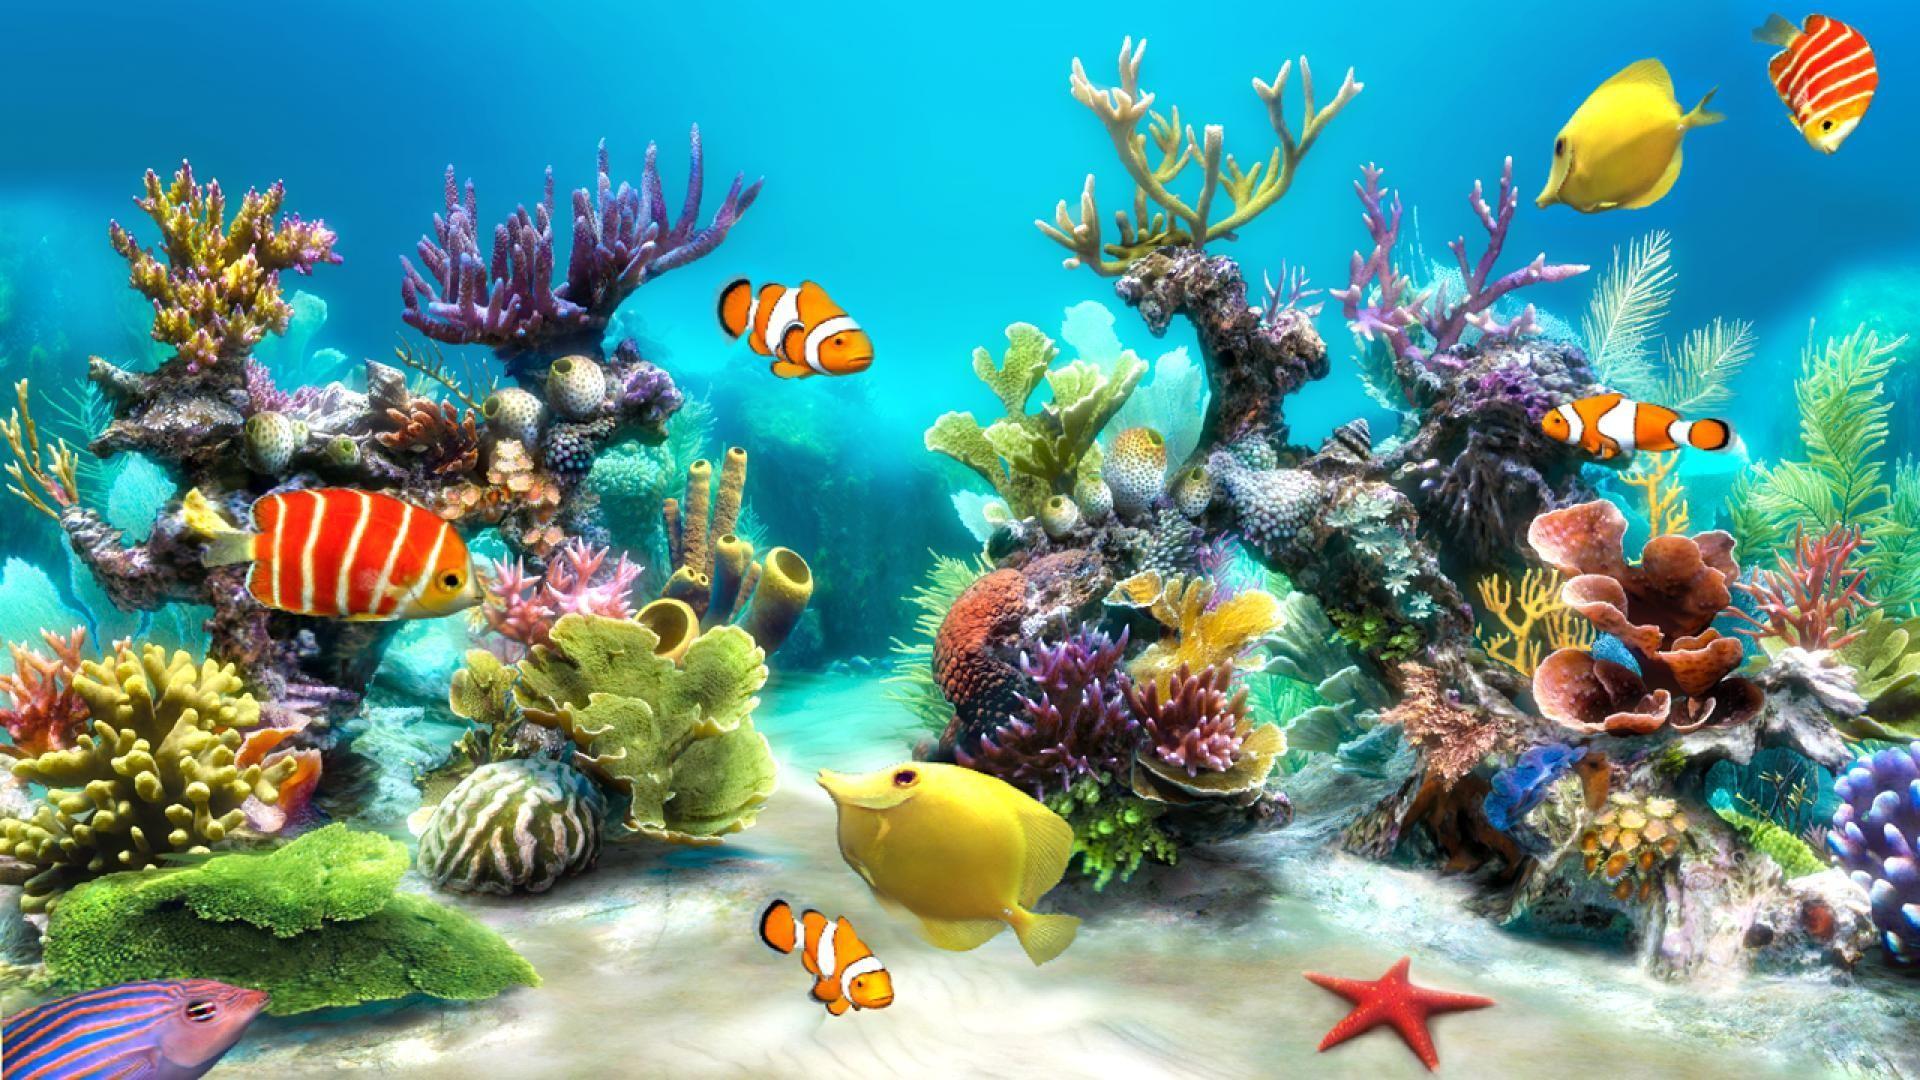 Windows Xp 3d Wallpaper Free Download Aquarium Live Wallpaper Windows 10 55 Images